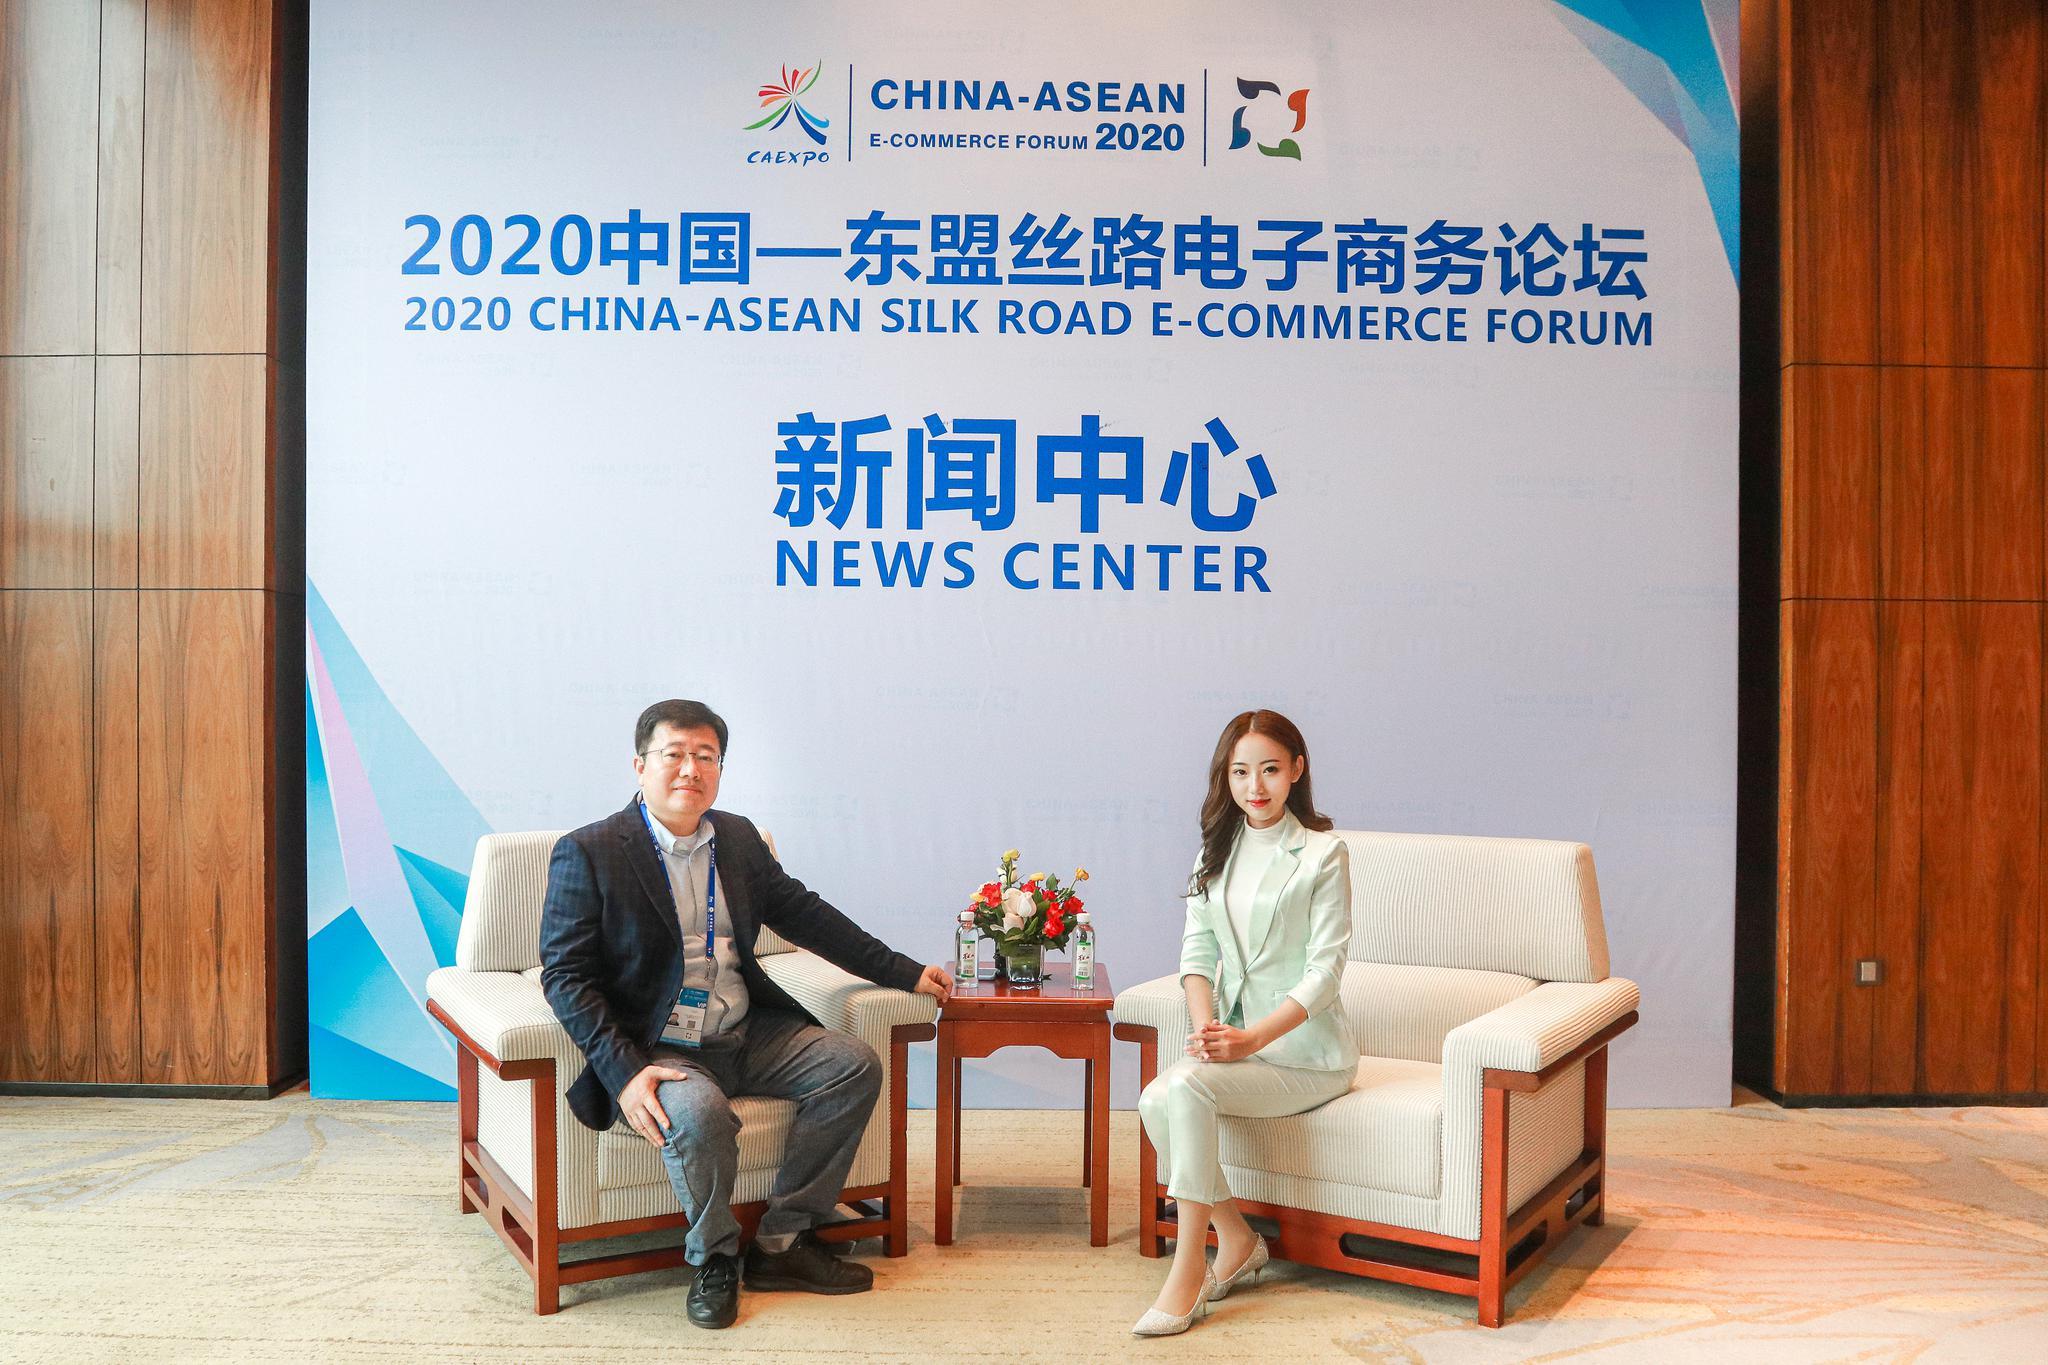 丁国勋:紧抓电商人才培养 打造中国—东盟多语种多元化的服务